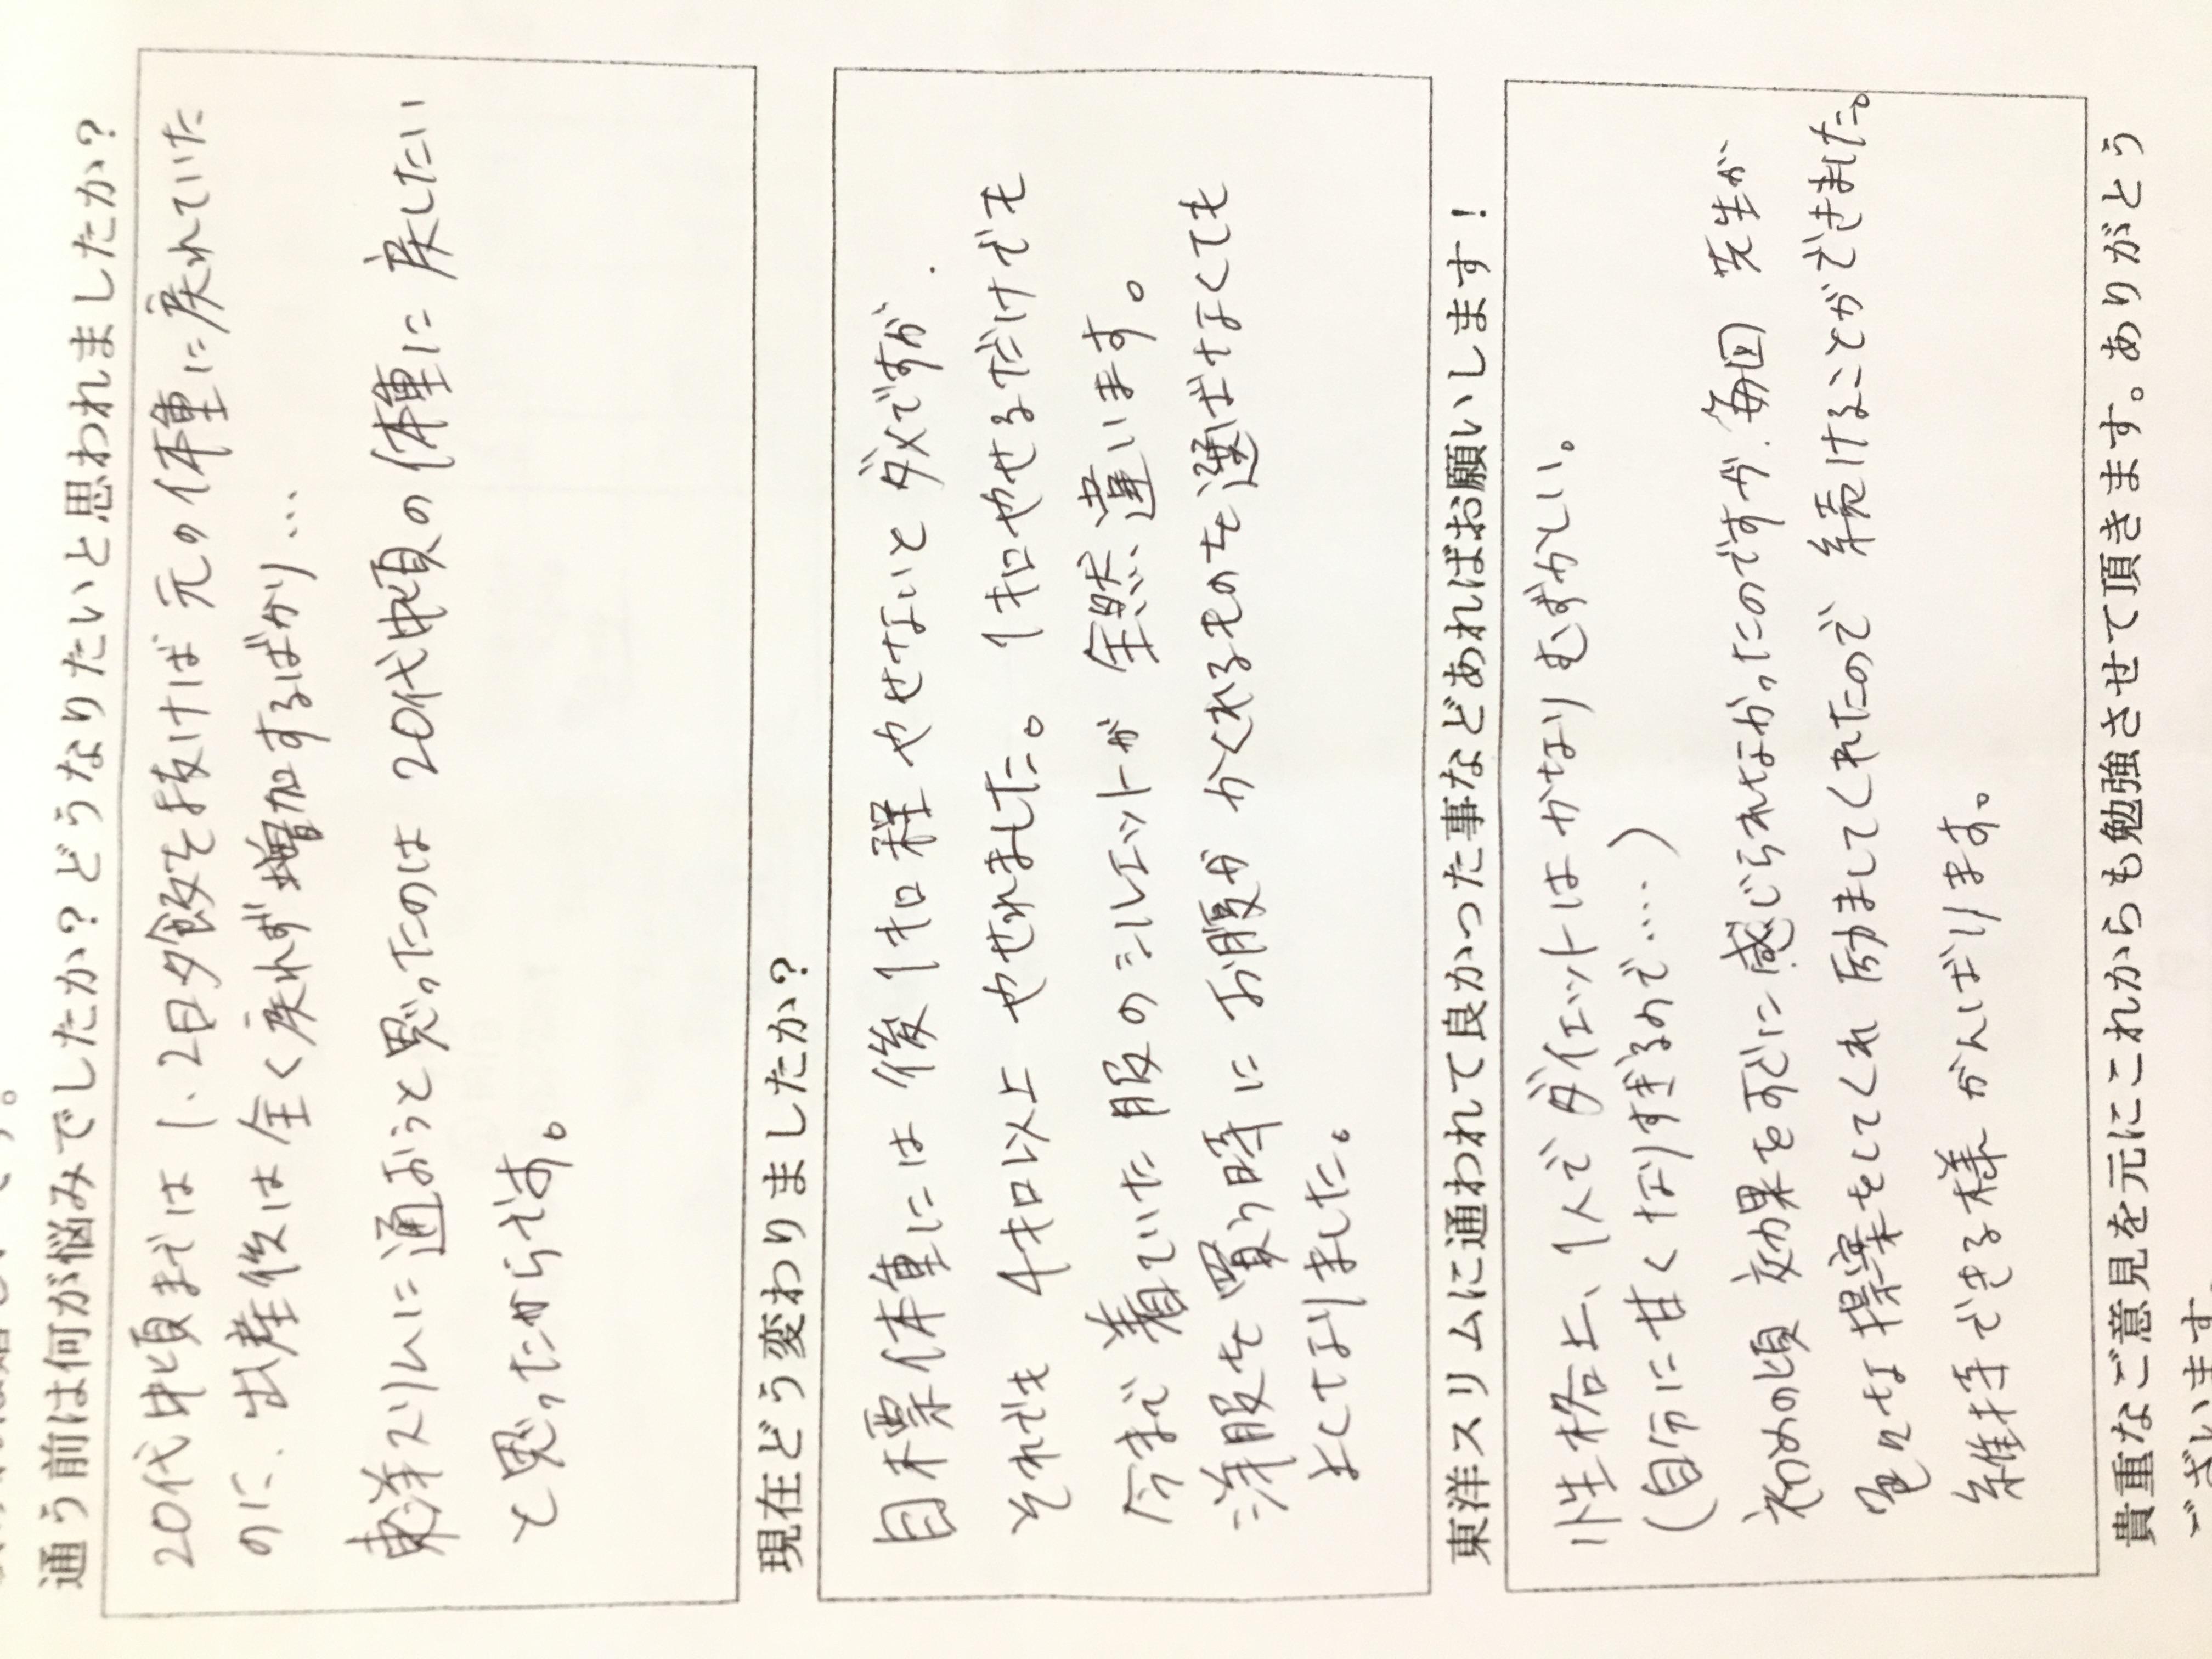 [皆様の口コミ]大阪市東住吉区A様(40代)耳つぼダイエット5kg成功。体脂肪率23%代に!